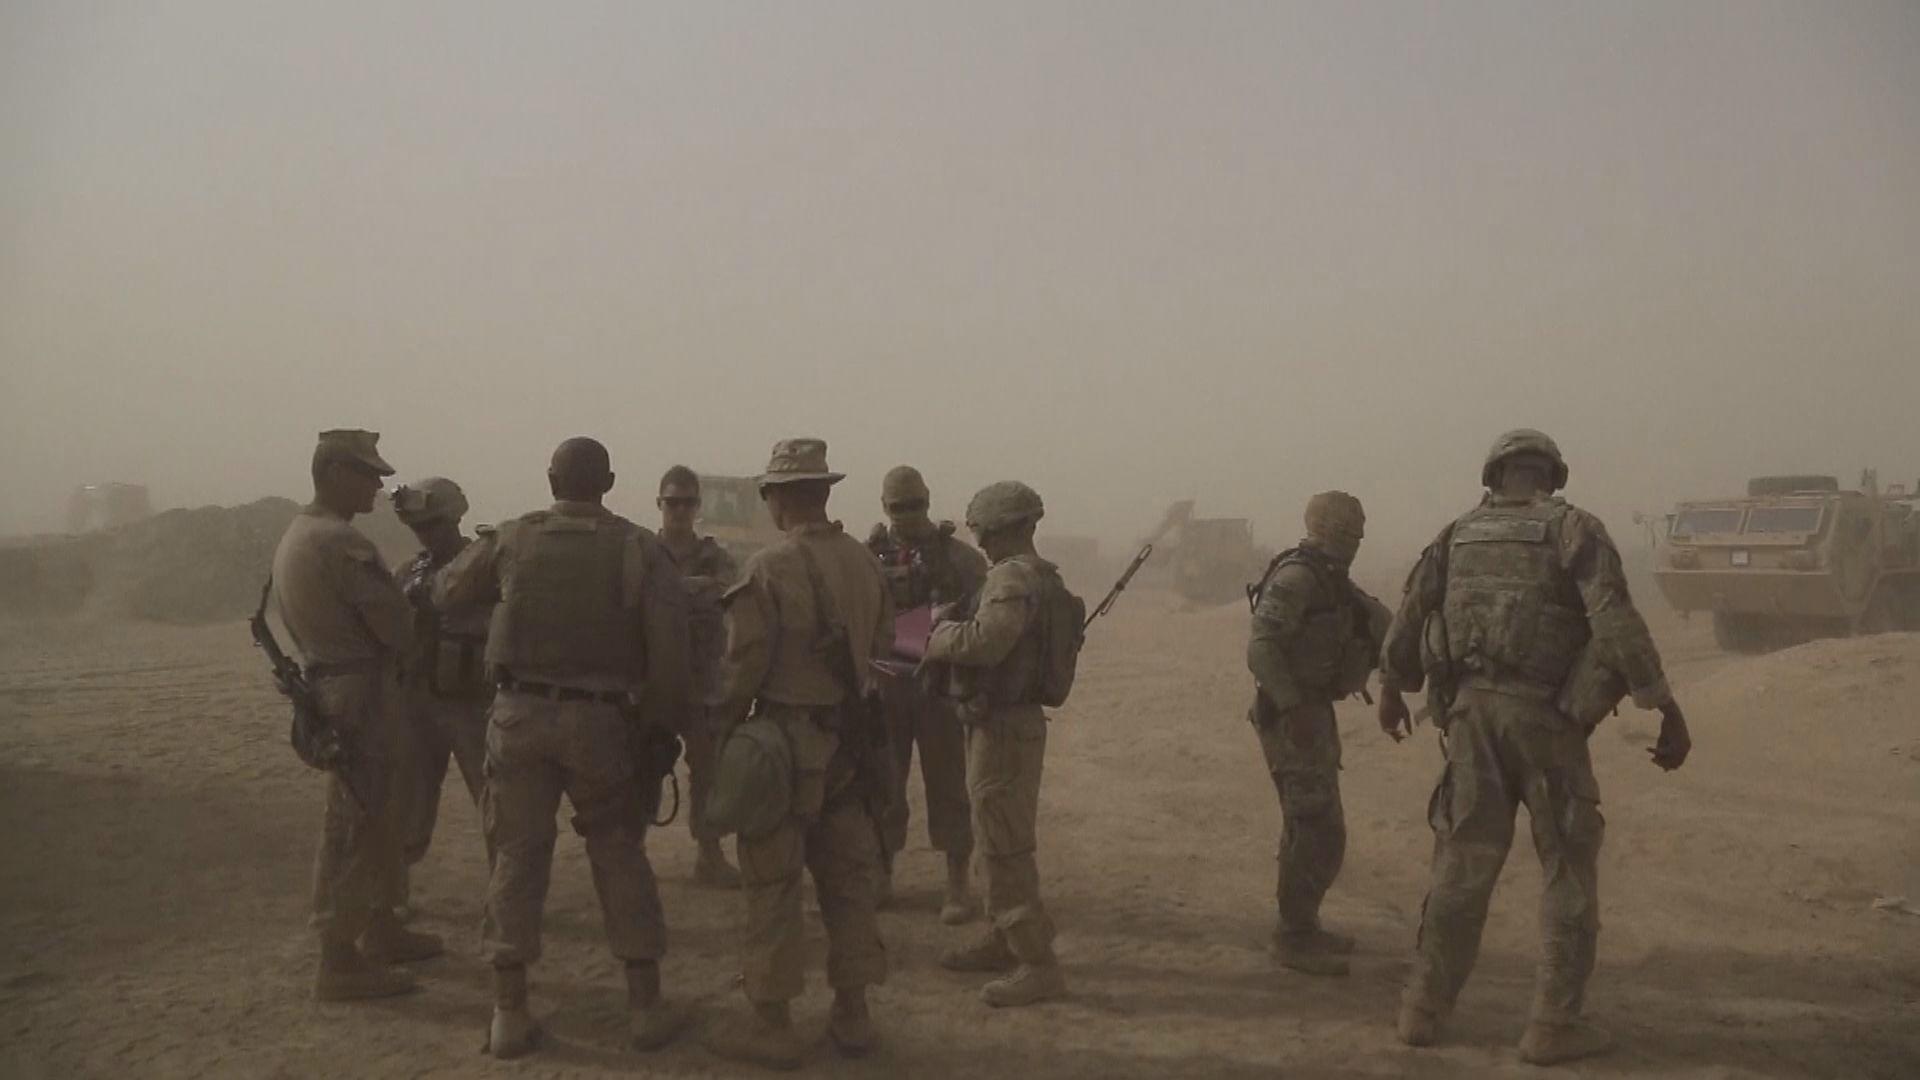 伊拉克國會通過要求外國軍隊撤出